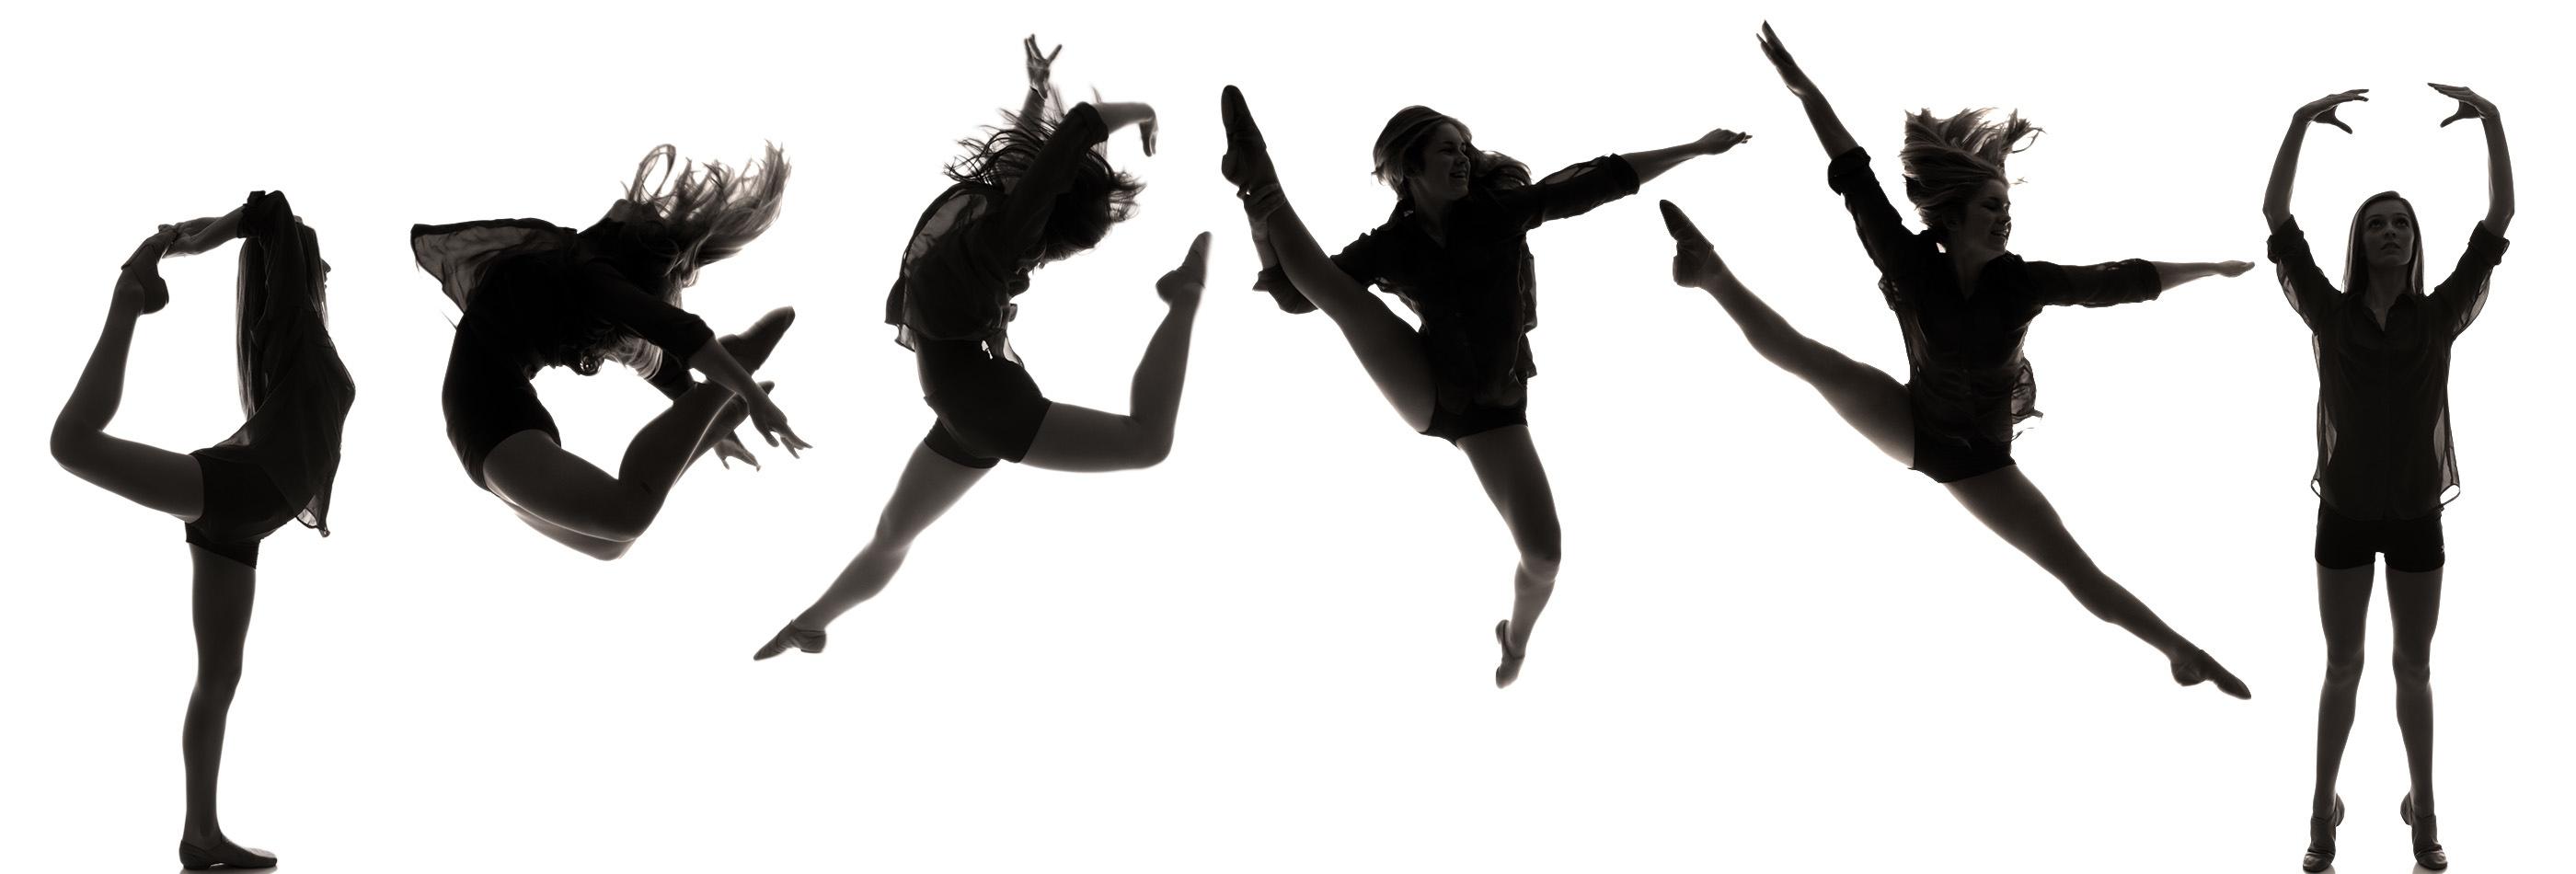 Dance Team Silhouette Clipart-Dance team silhouette clipart-7